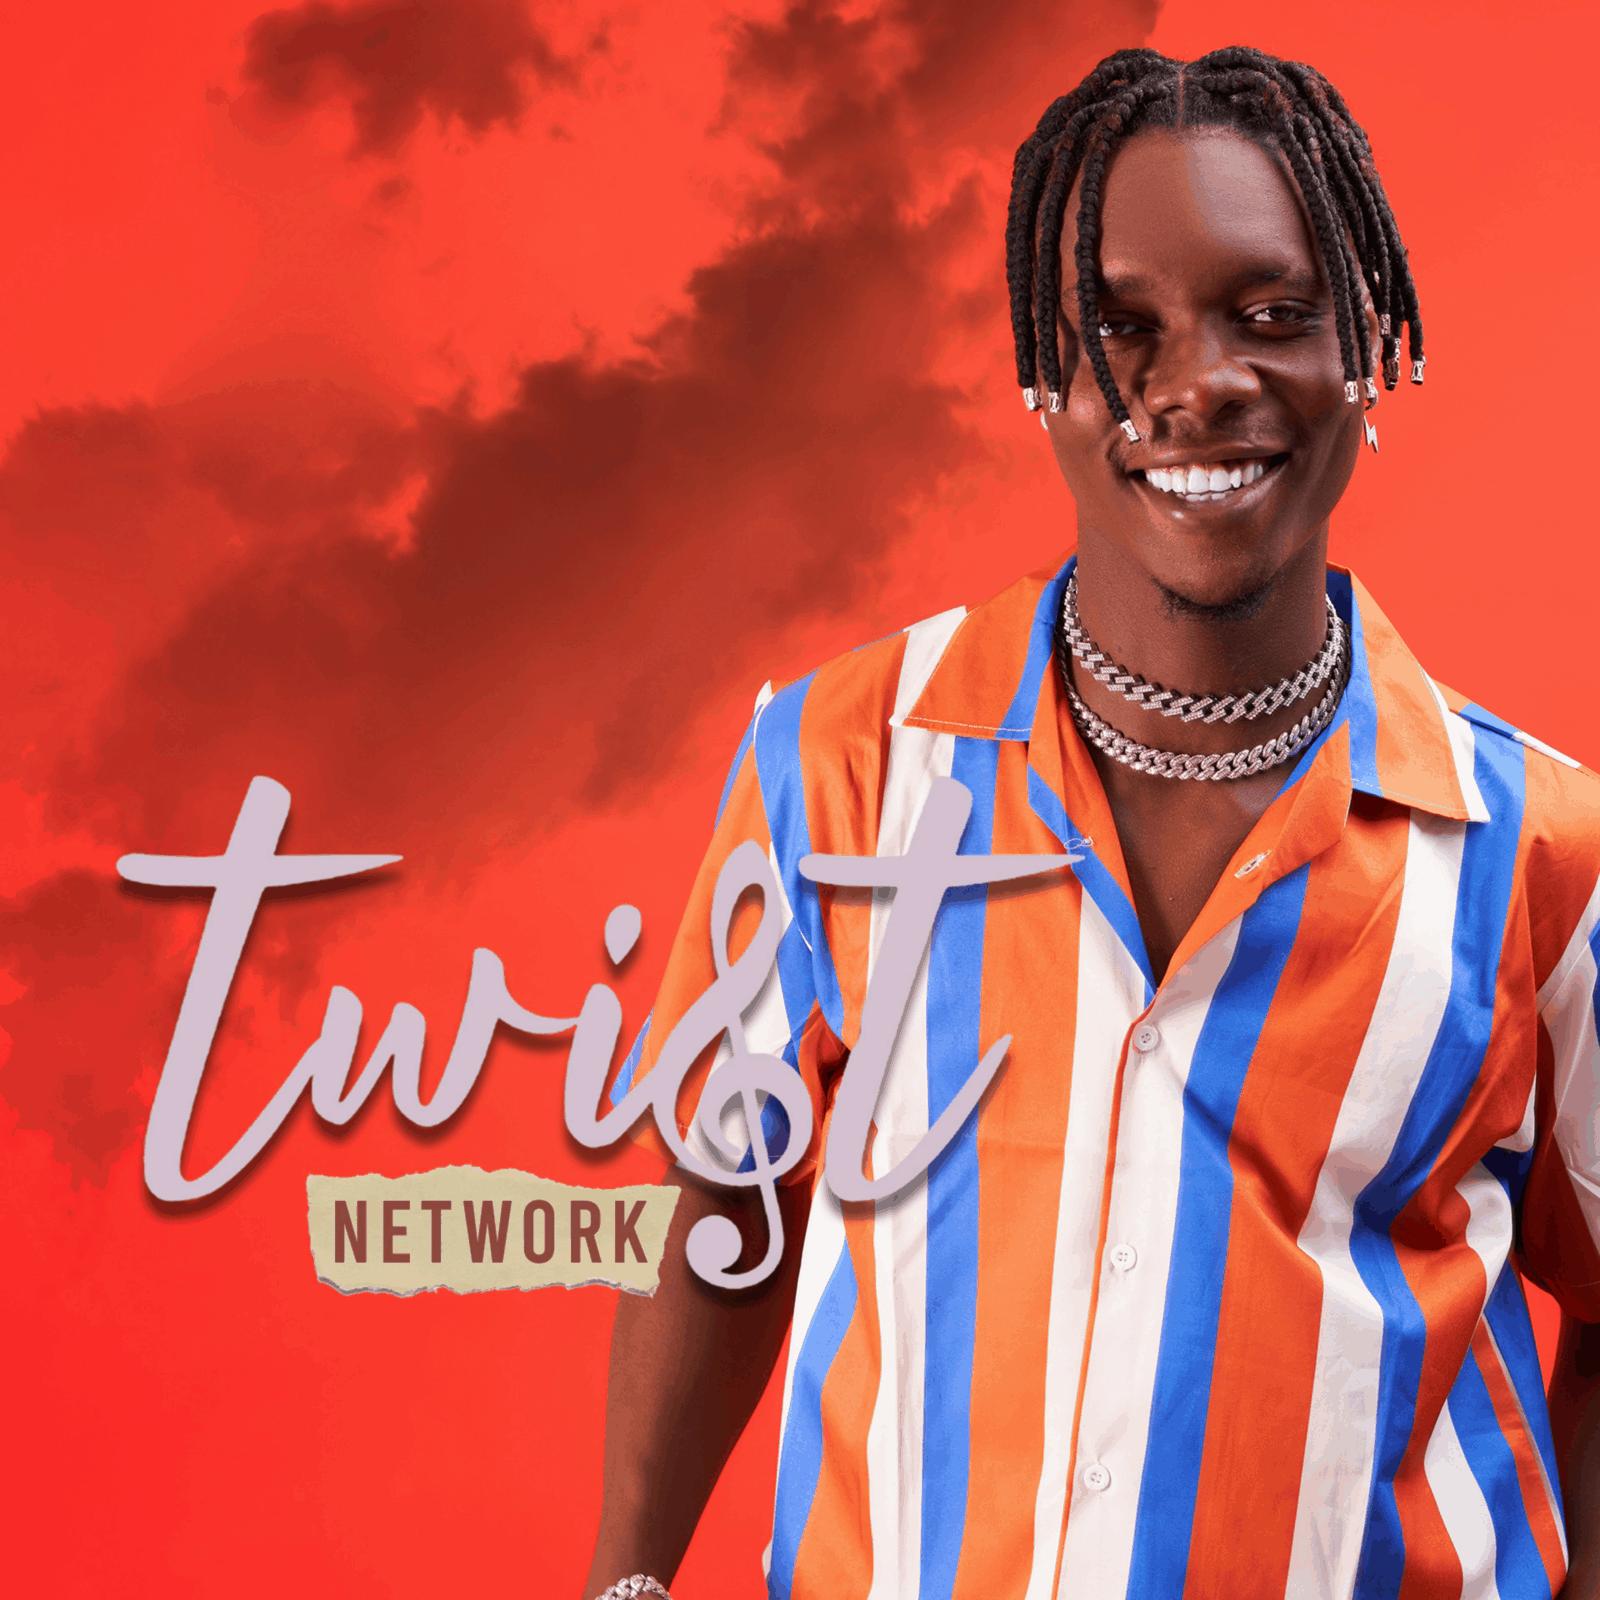 Twist - Network